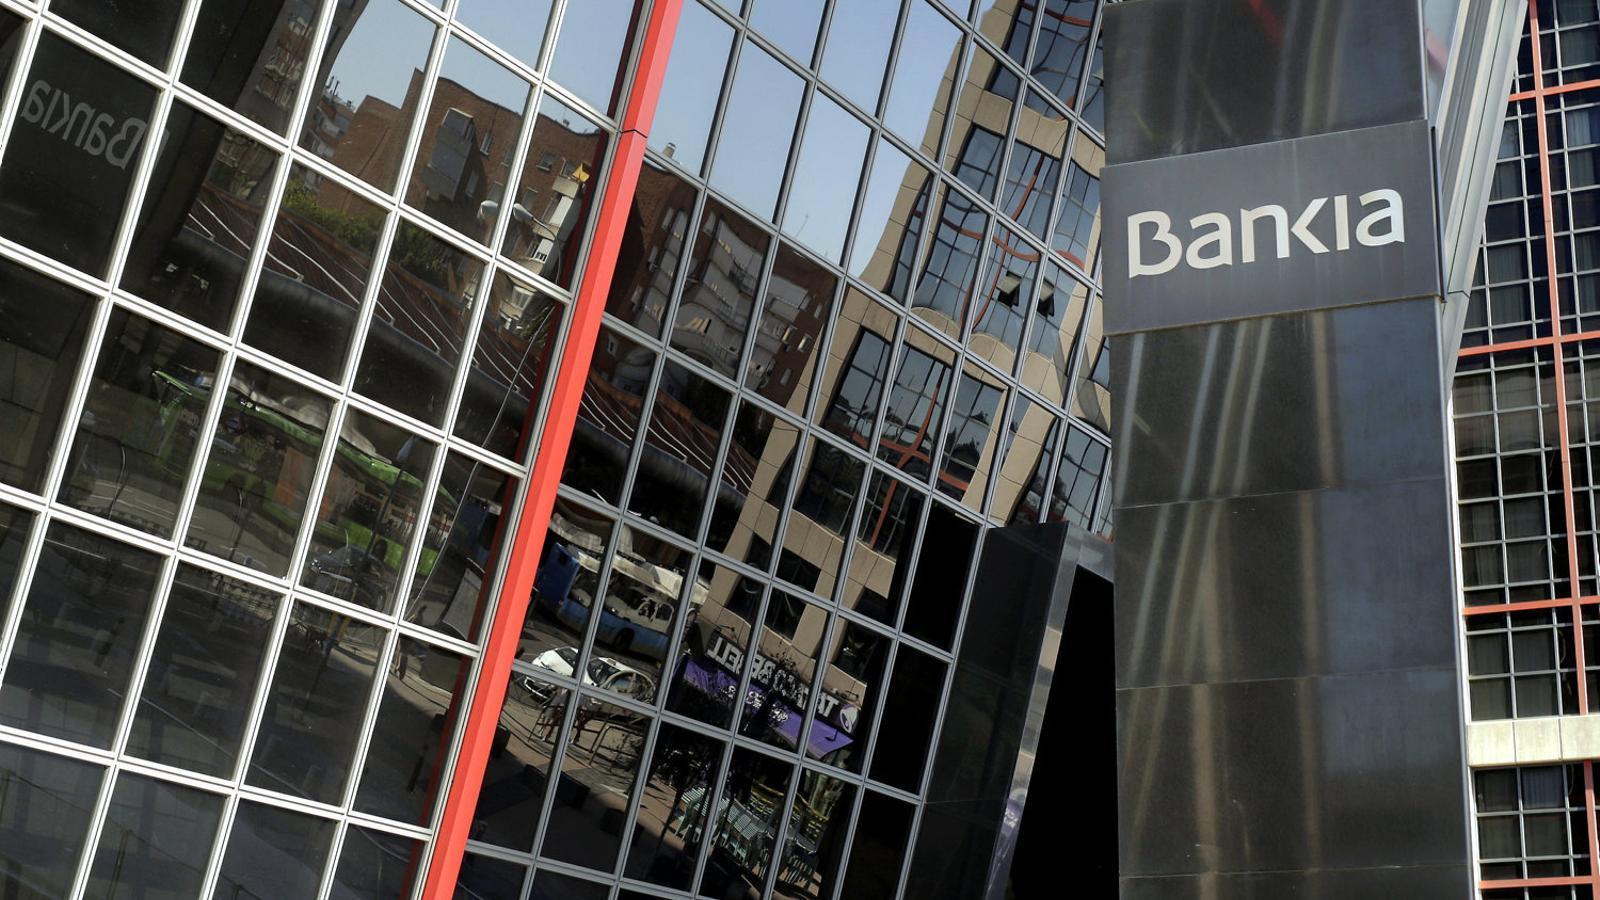 L'Estat ja ha perdut 20.000 milions de les ajudes a Bankia